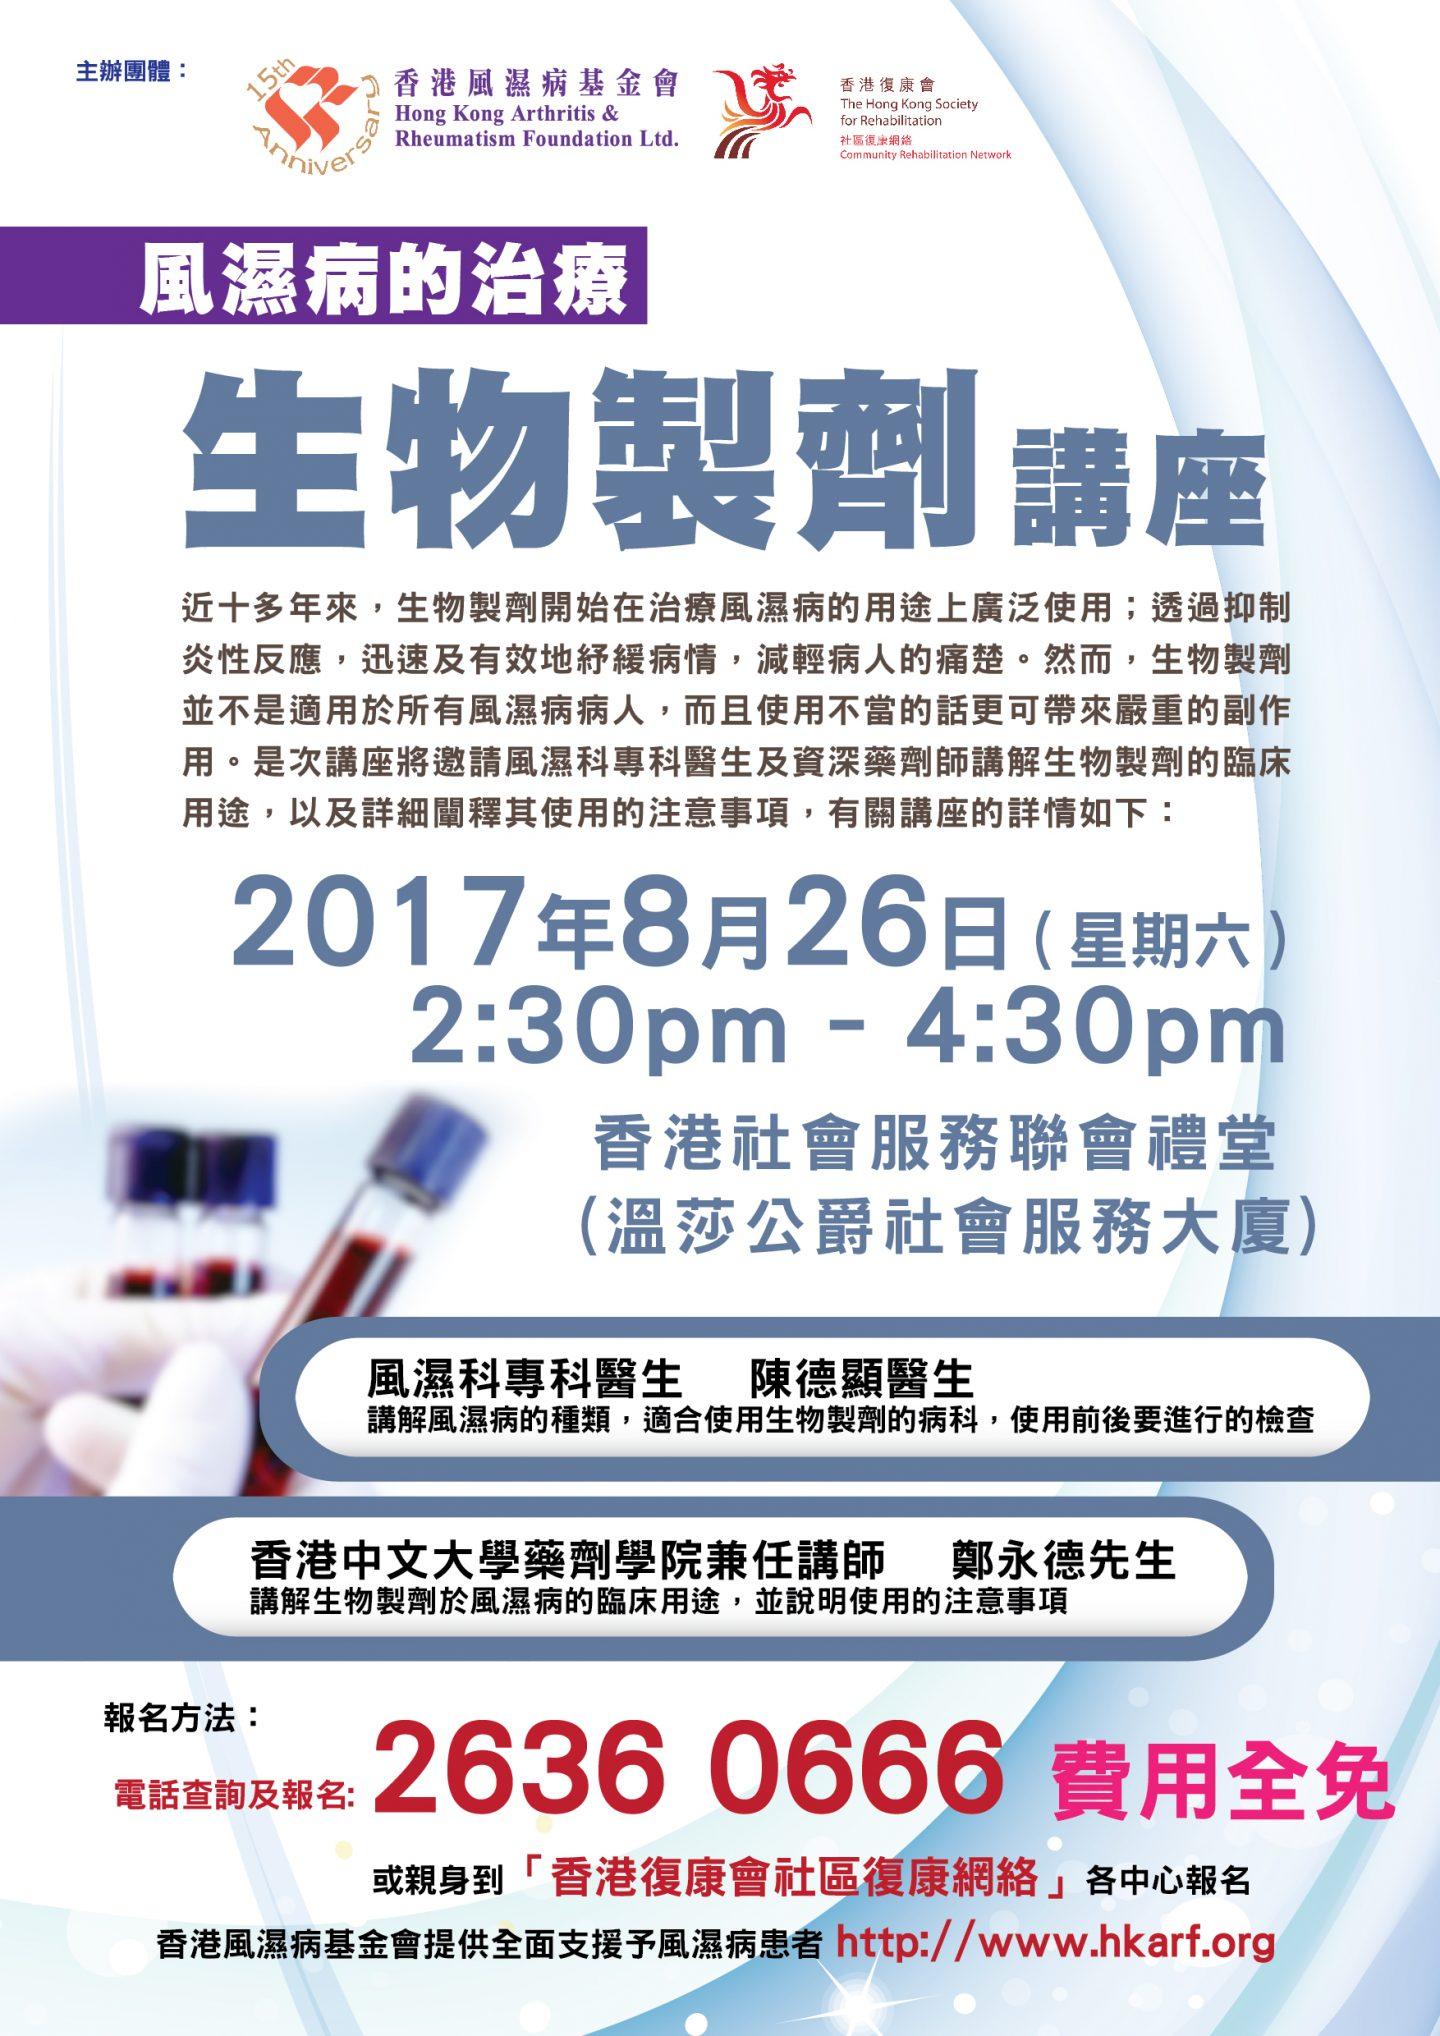 風濕病的治療─生物製劑講座 - HKARF